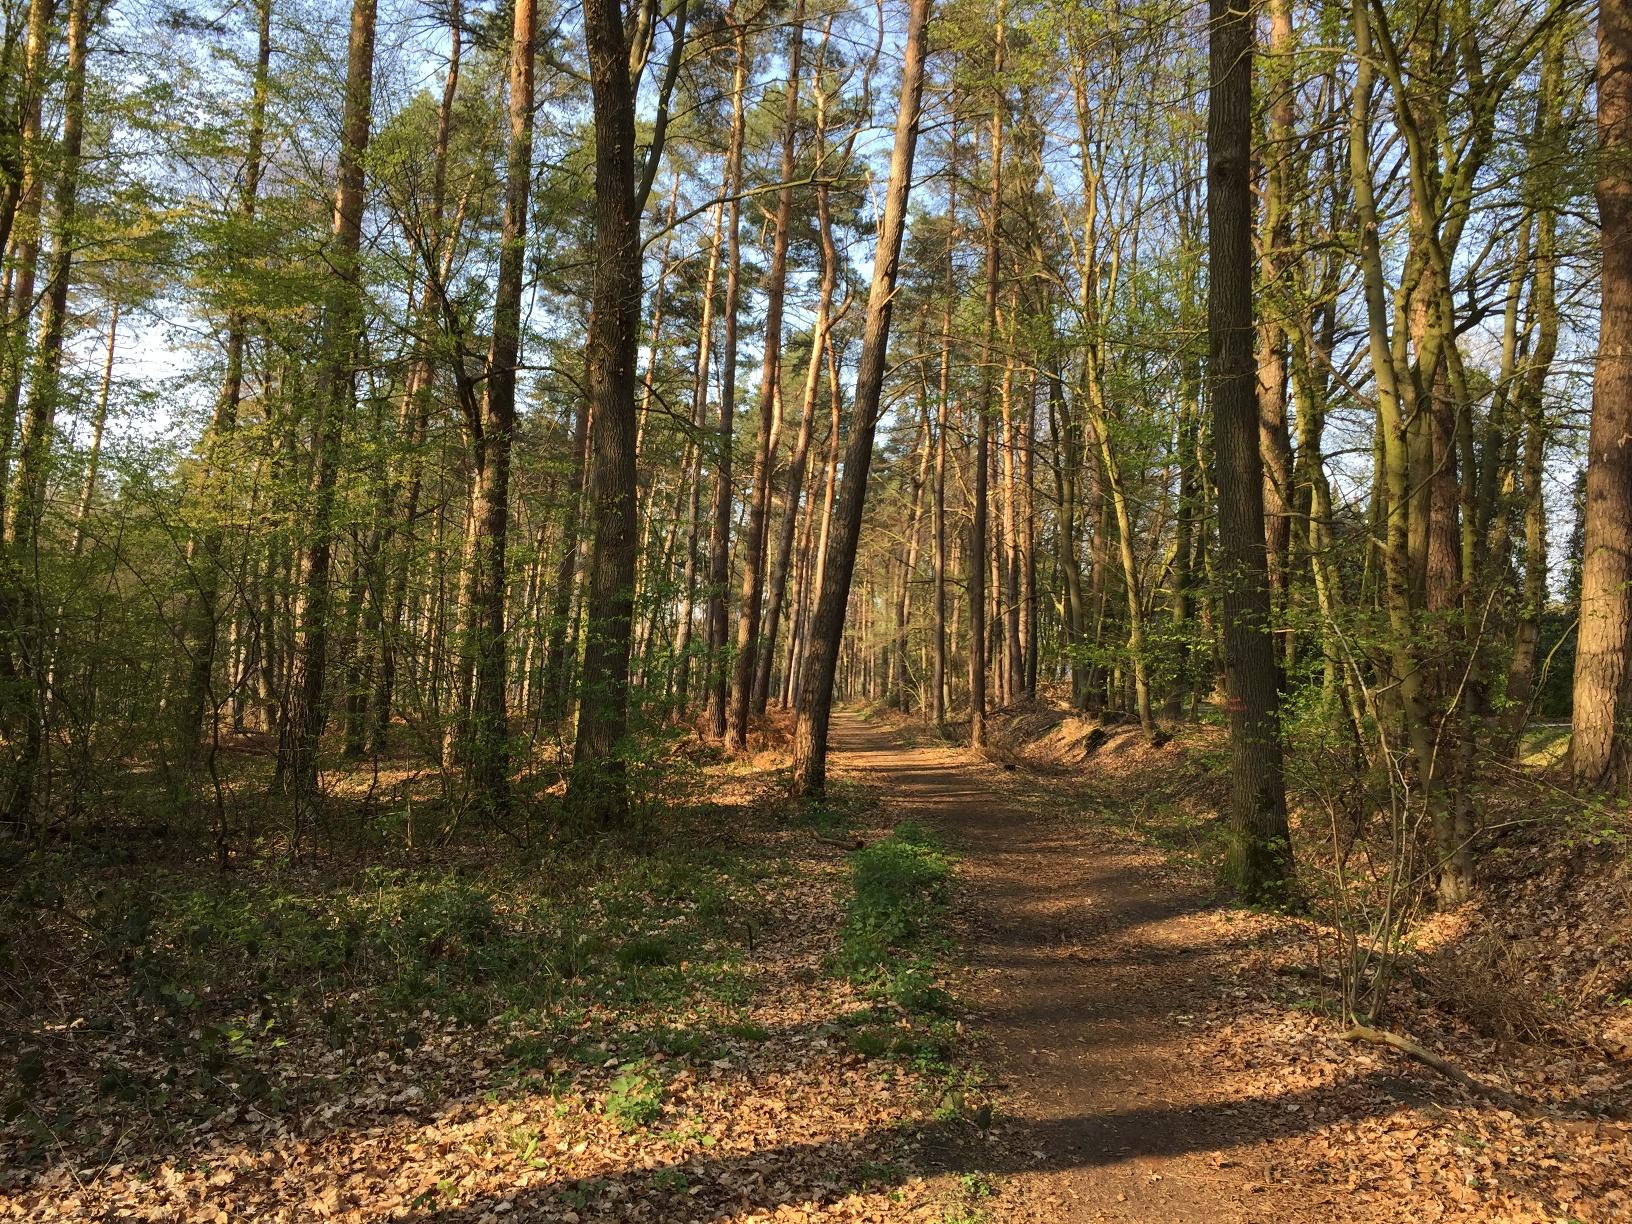 Der Weg führt gemütlich durch den Wald